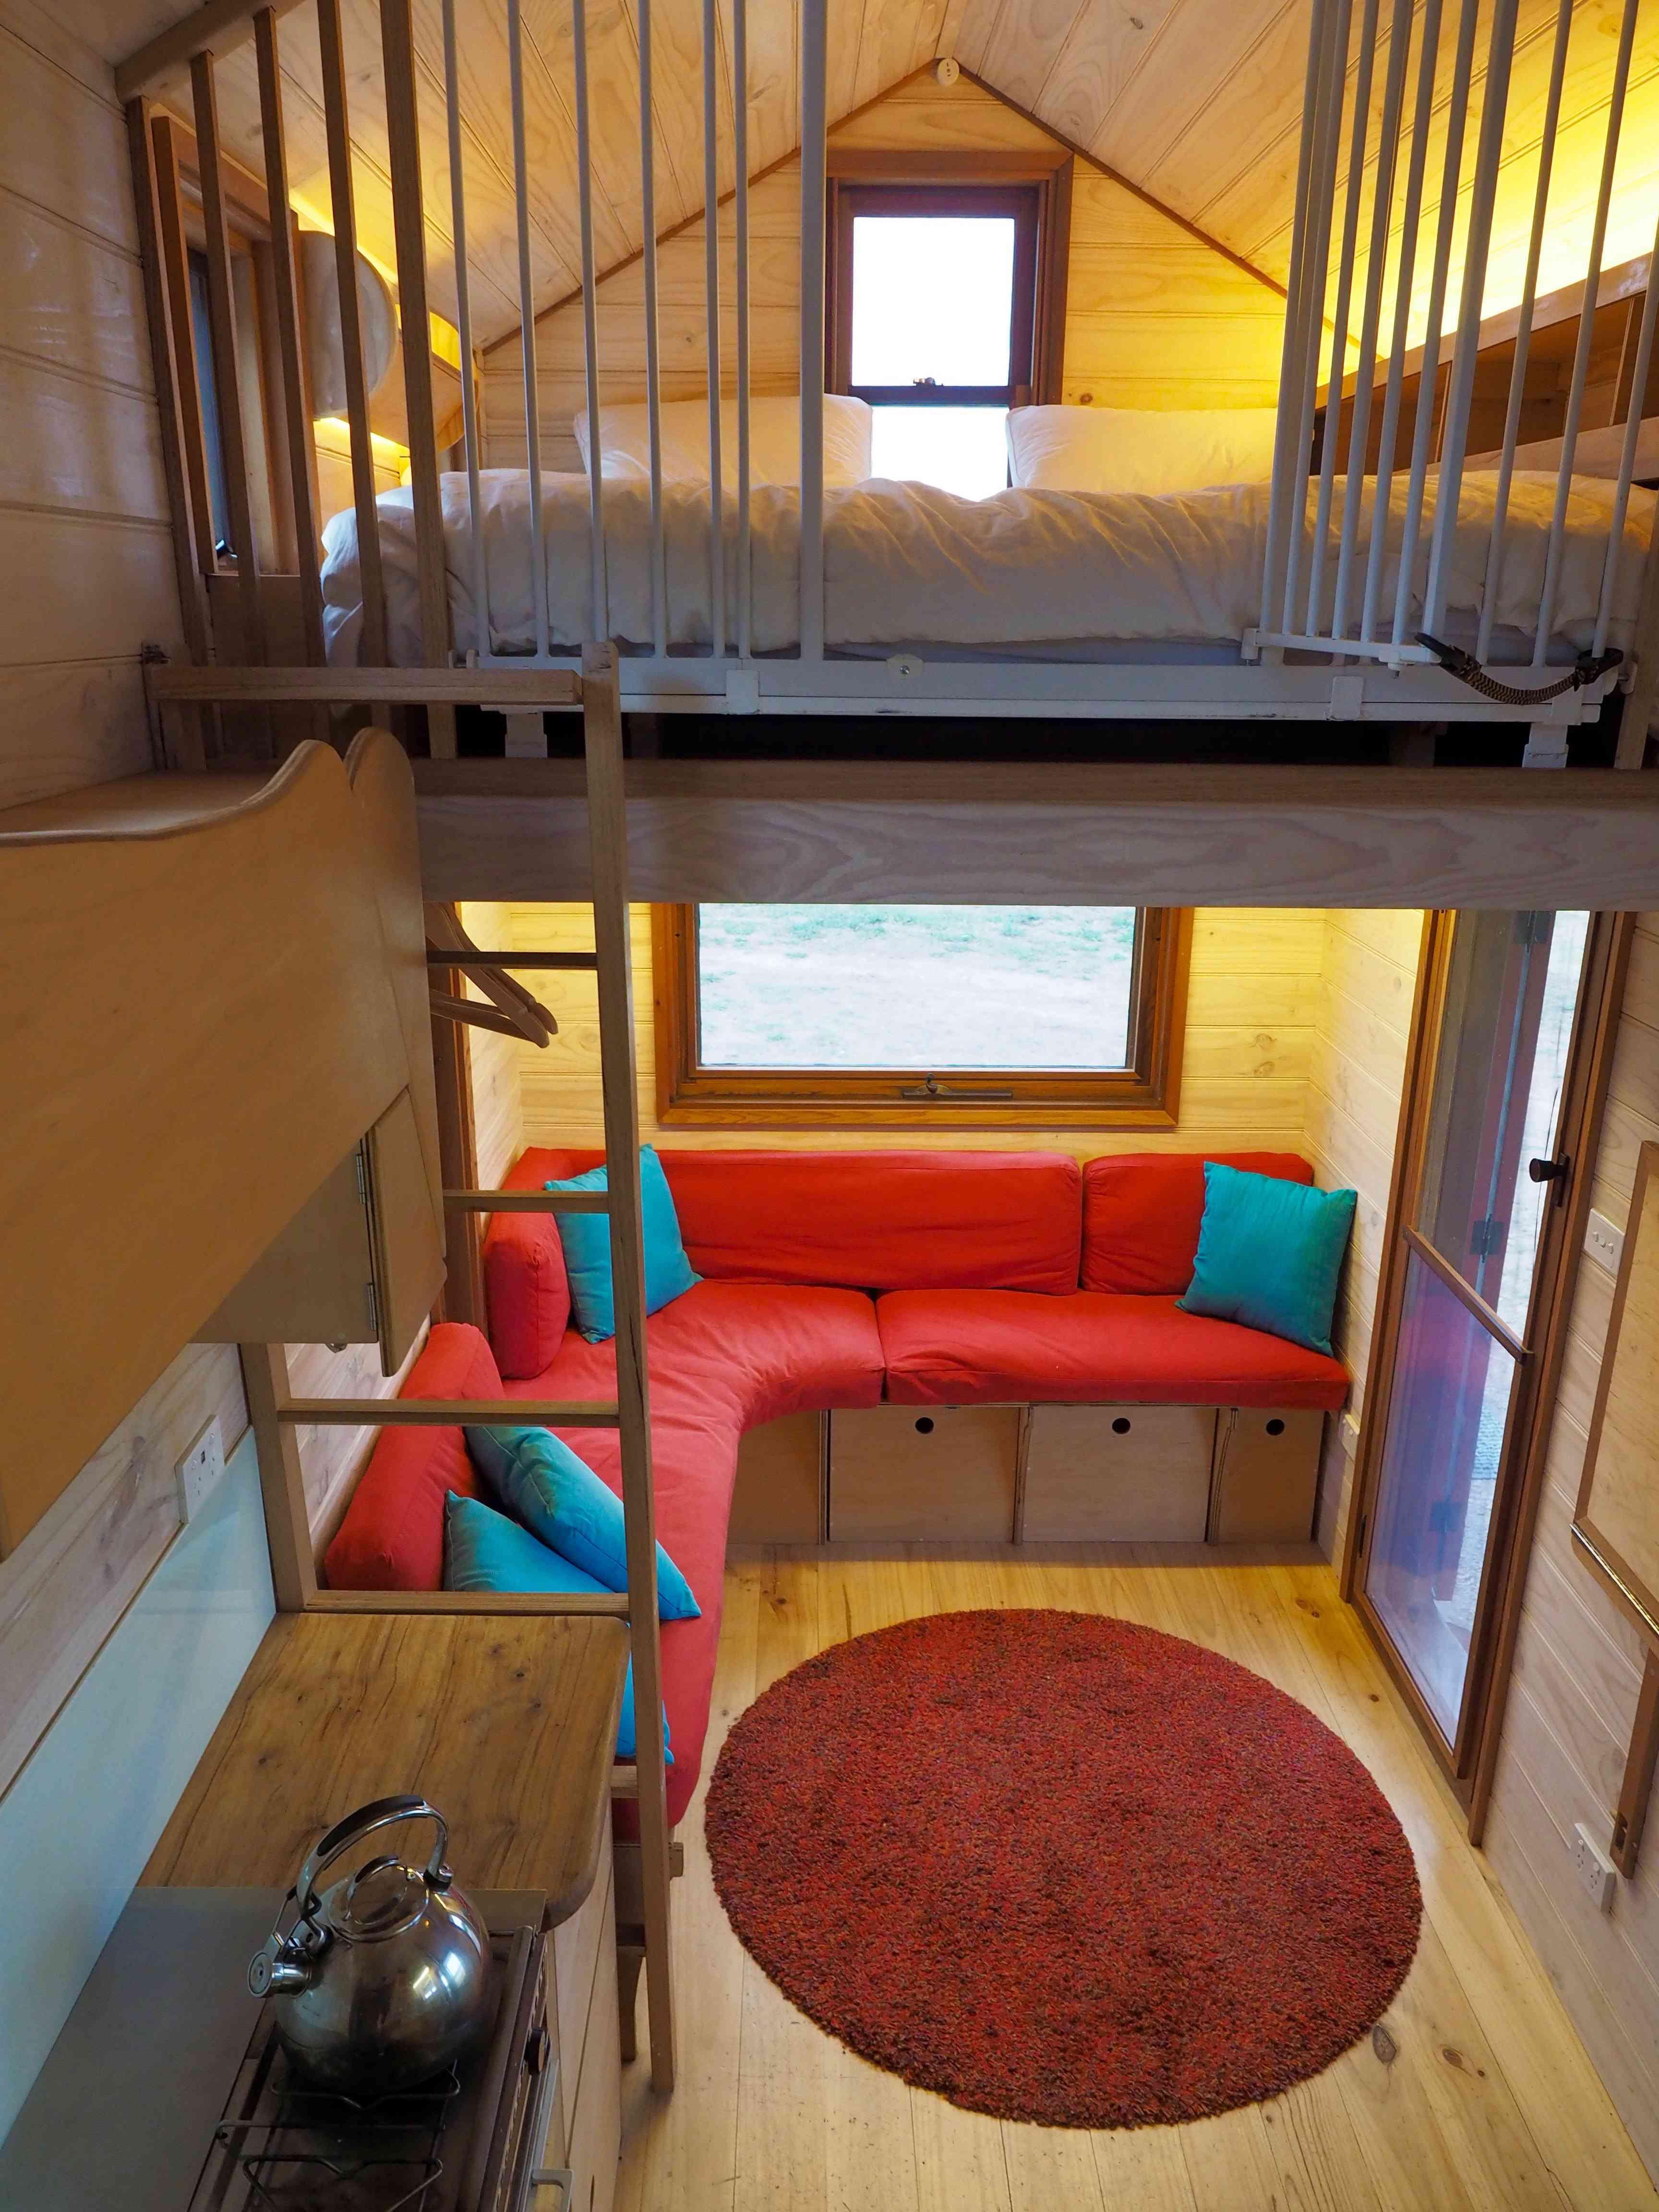 Tiny house interior with loft